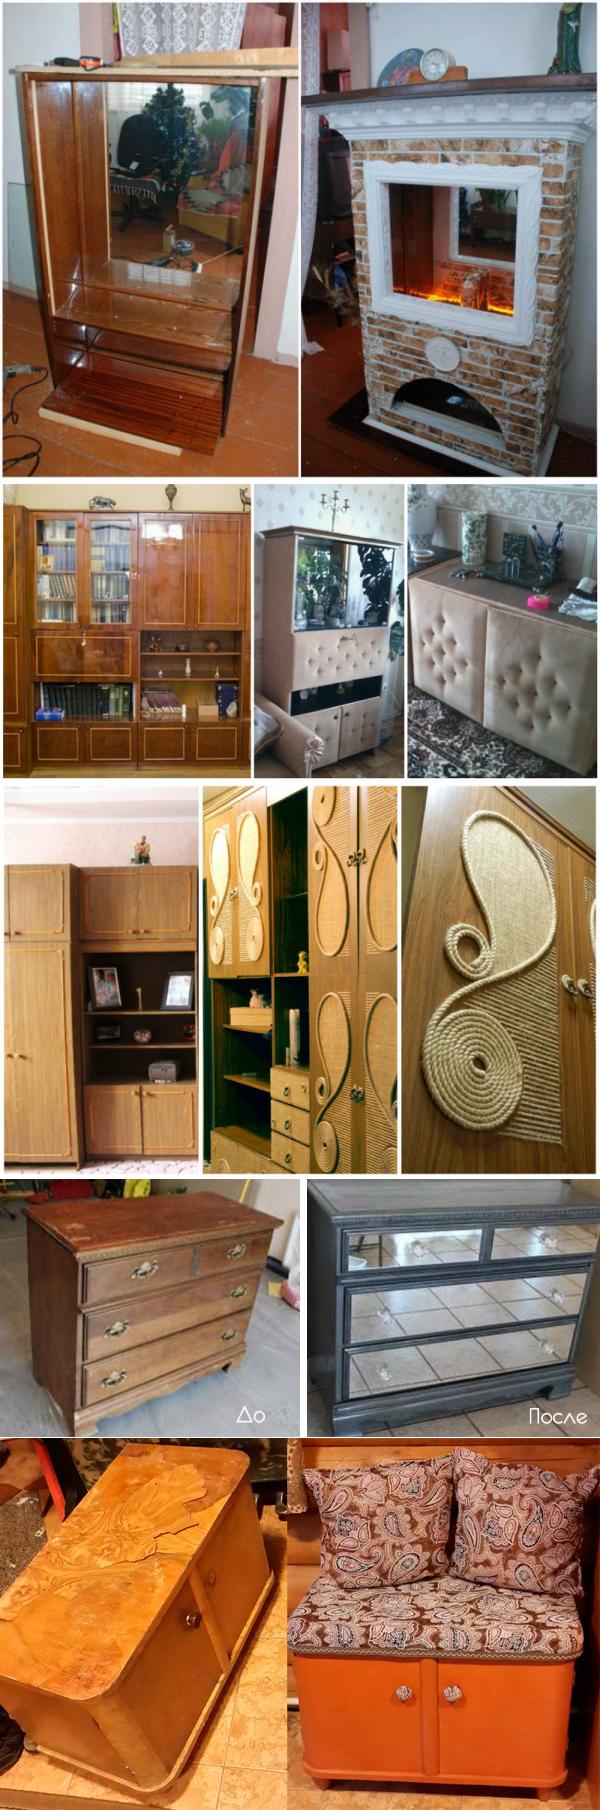 занесенные идеи реставрации советской мебели с картинками чай давно является